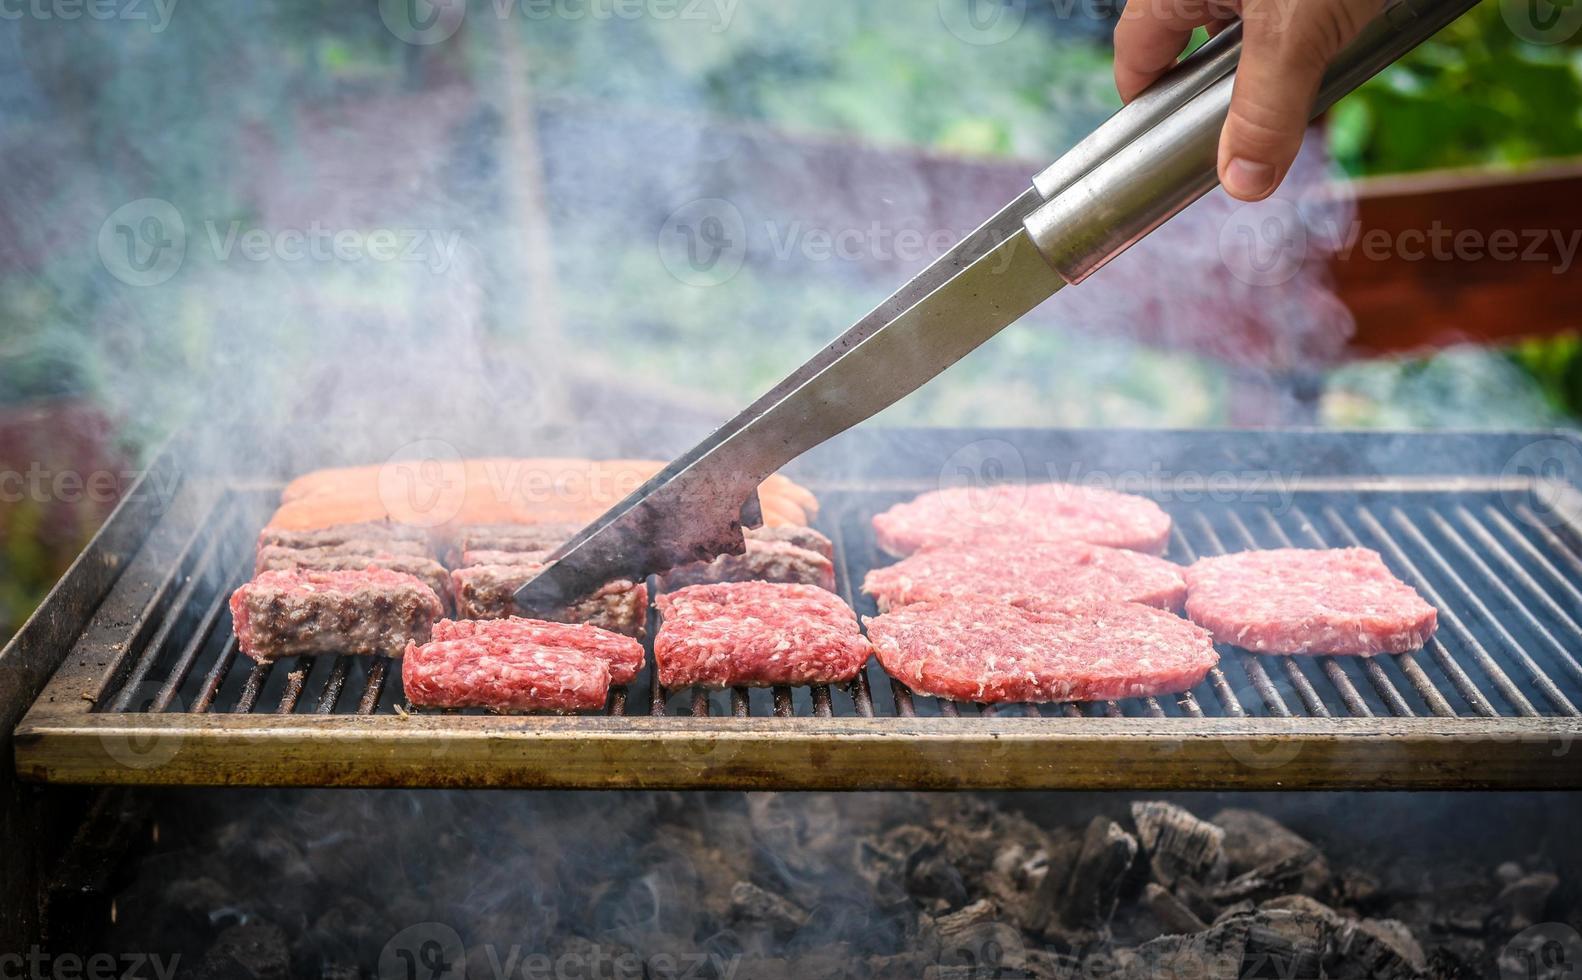 grigliare la carne sulla griglia del barbecue con carbone. foto